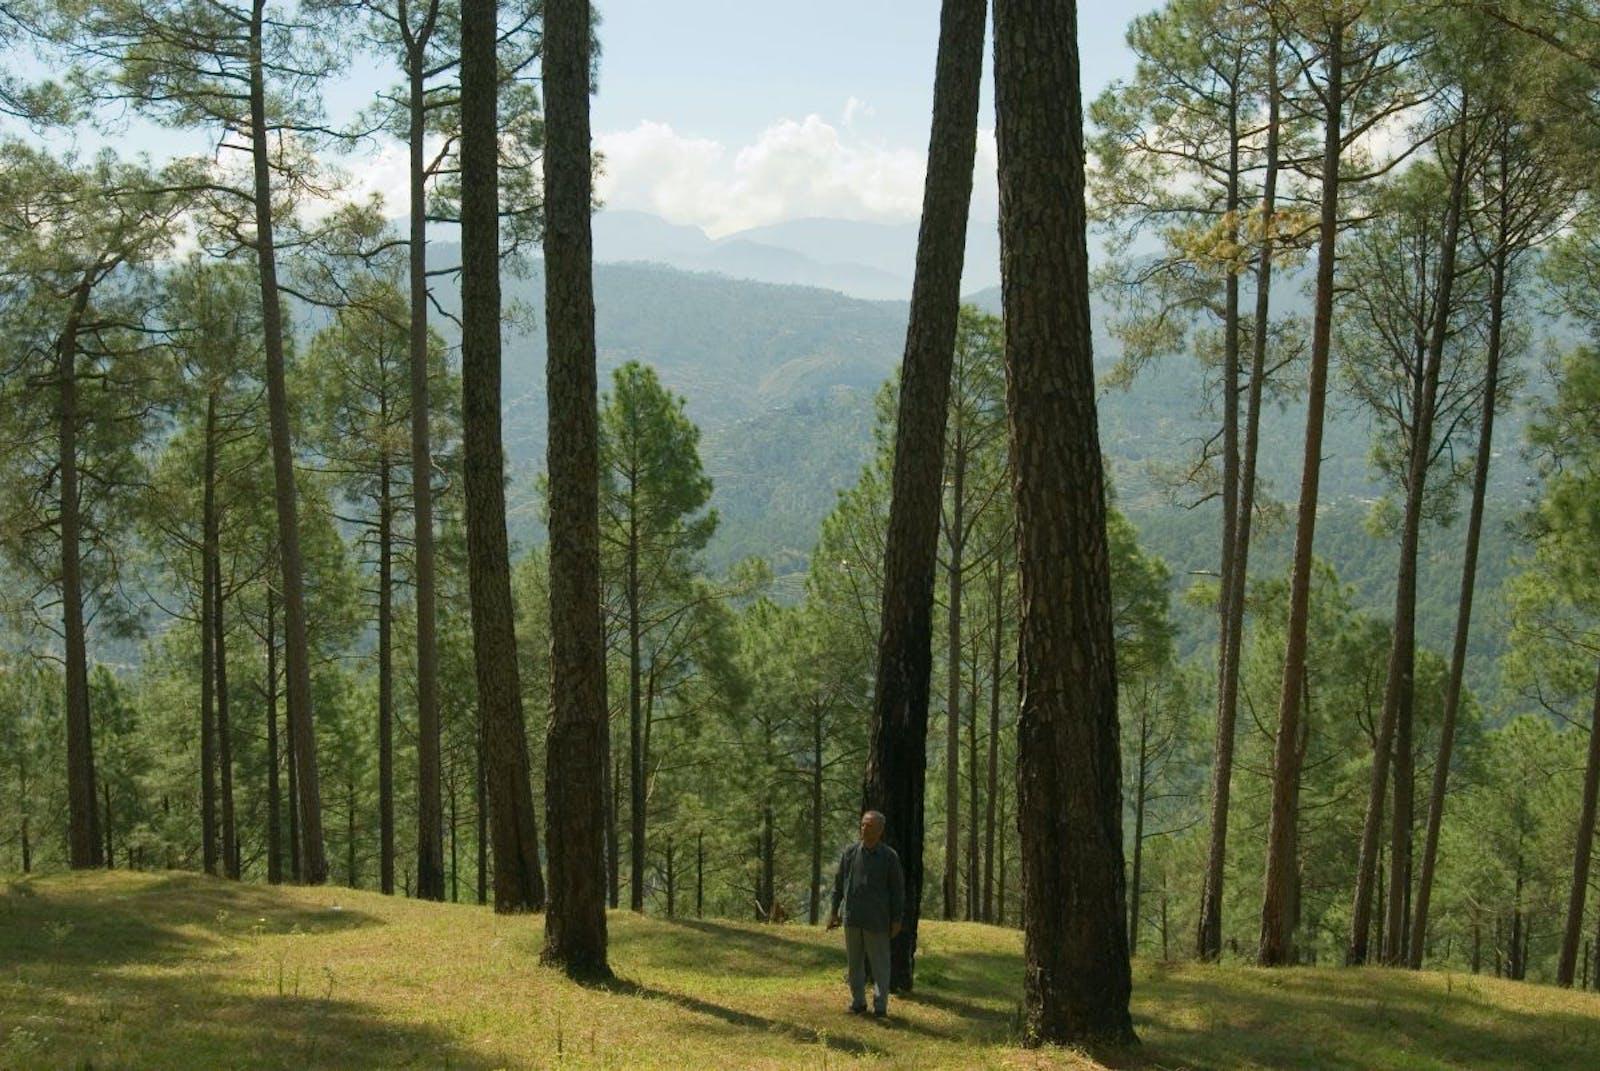 Himalayan Subtropical Pine Forests